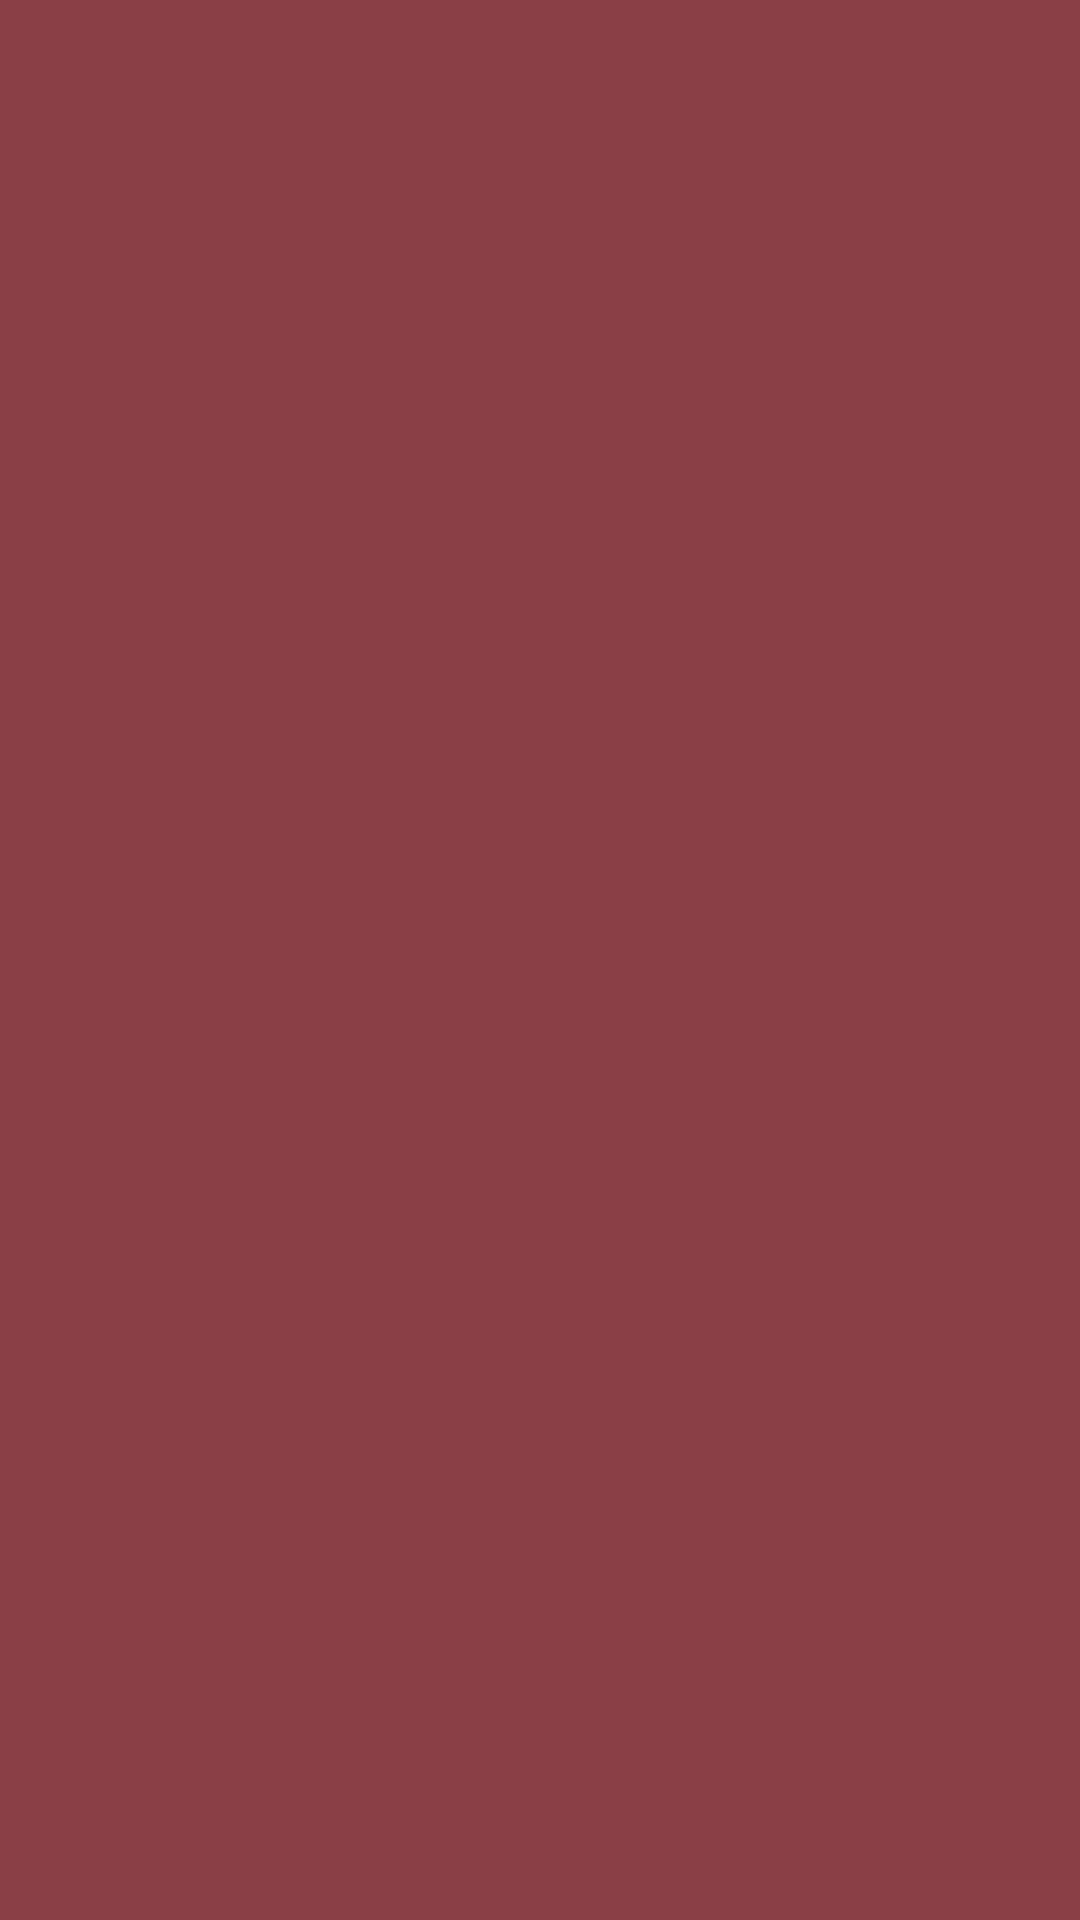 1080x1920 Cordovan Solid Color Background